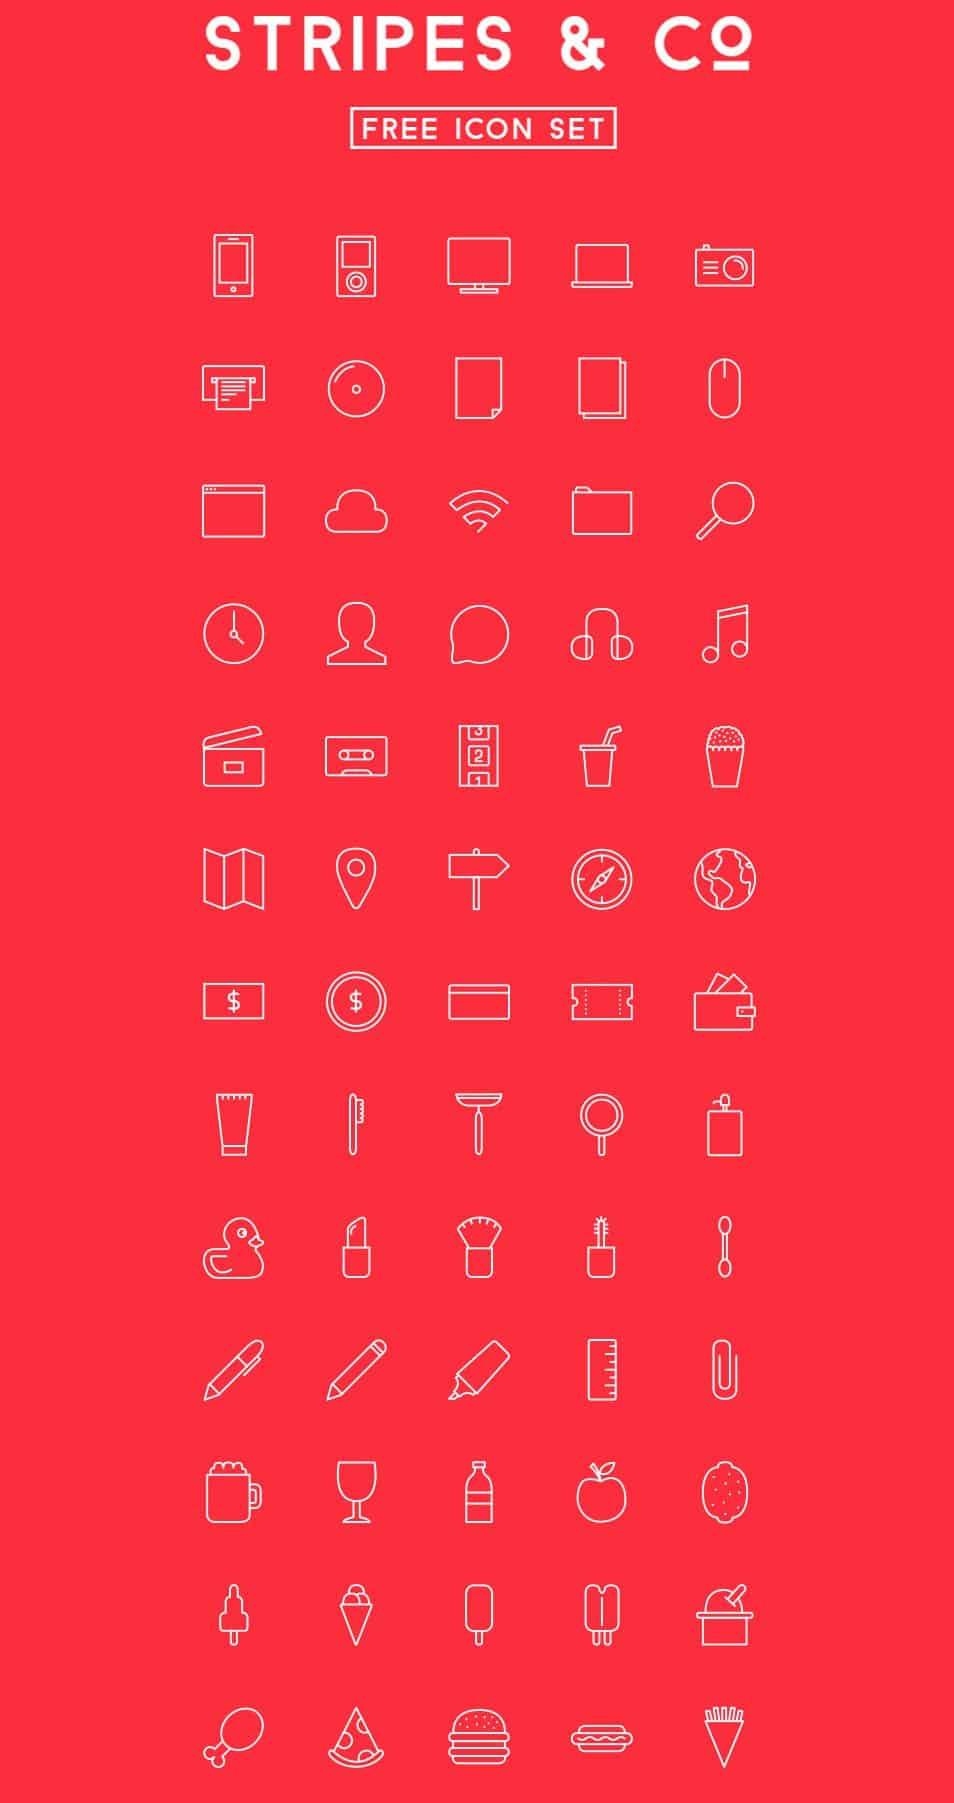 Stripes & Co – Free icon Set